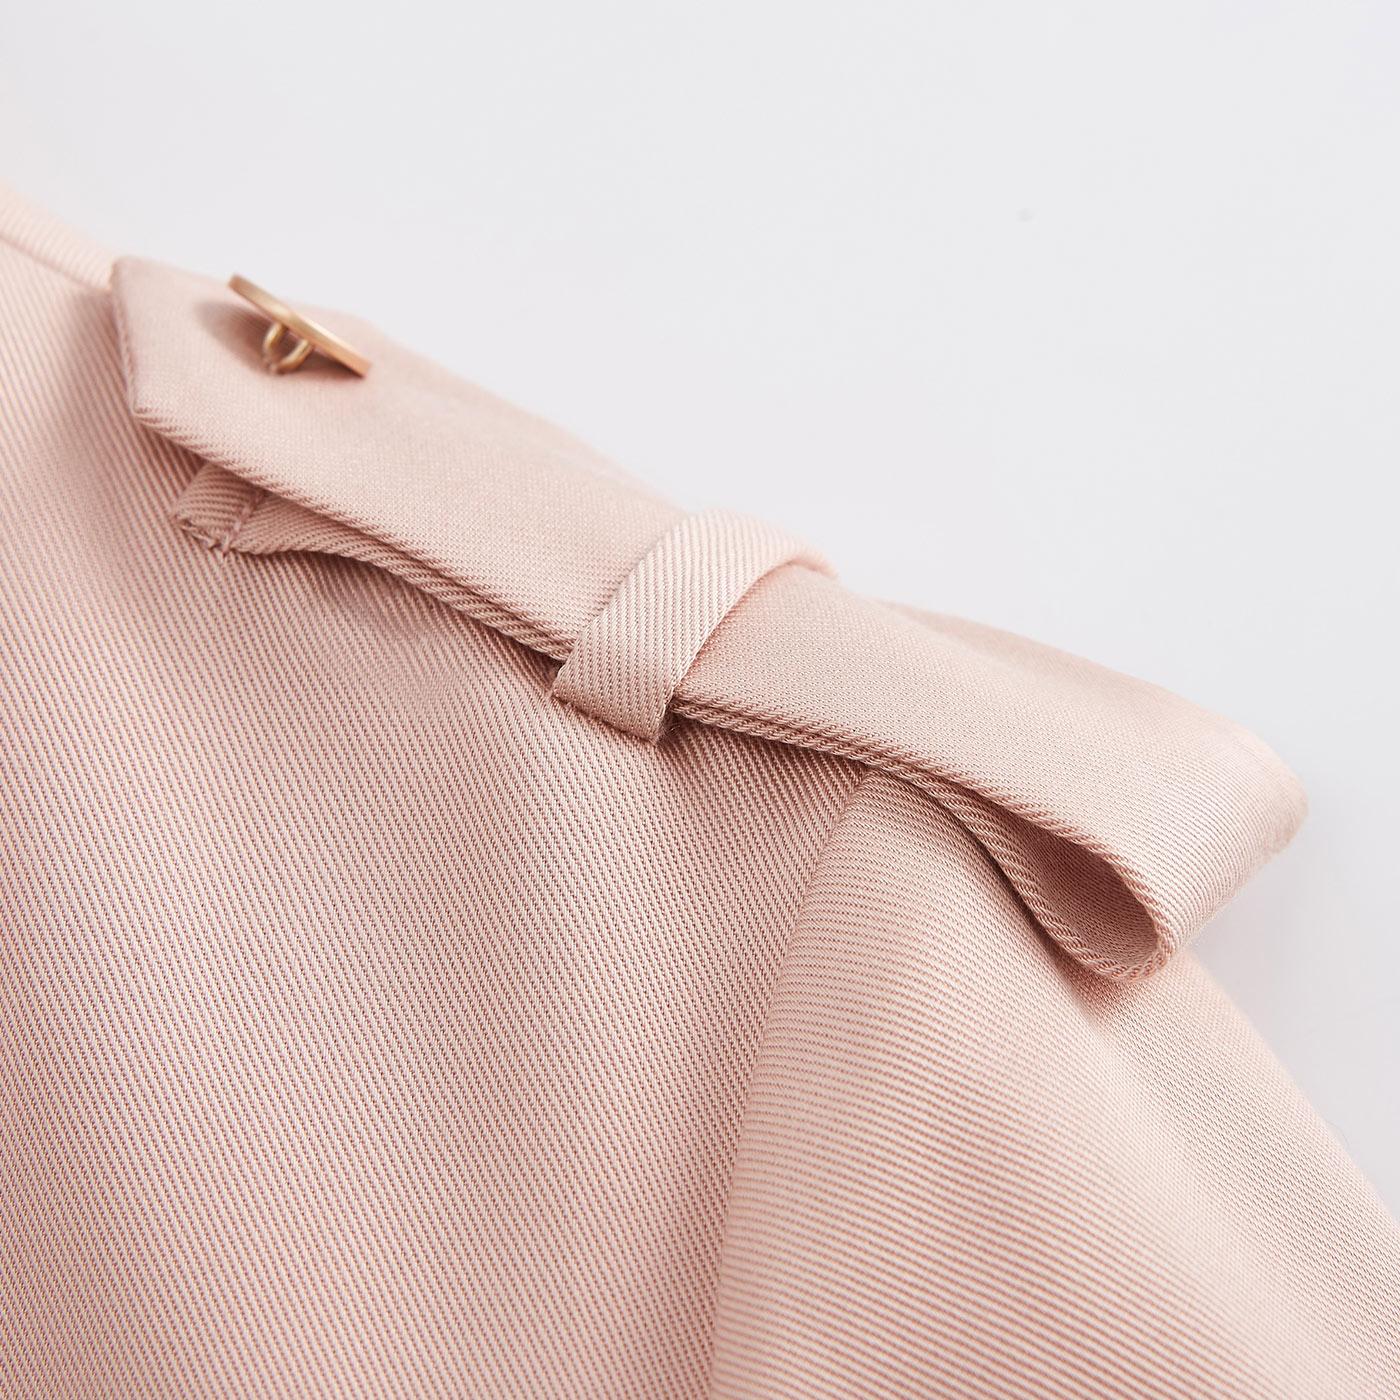 糖力2018春装新款欧美女装粉红色长袖翻领中长款宽松休闲风衣外套